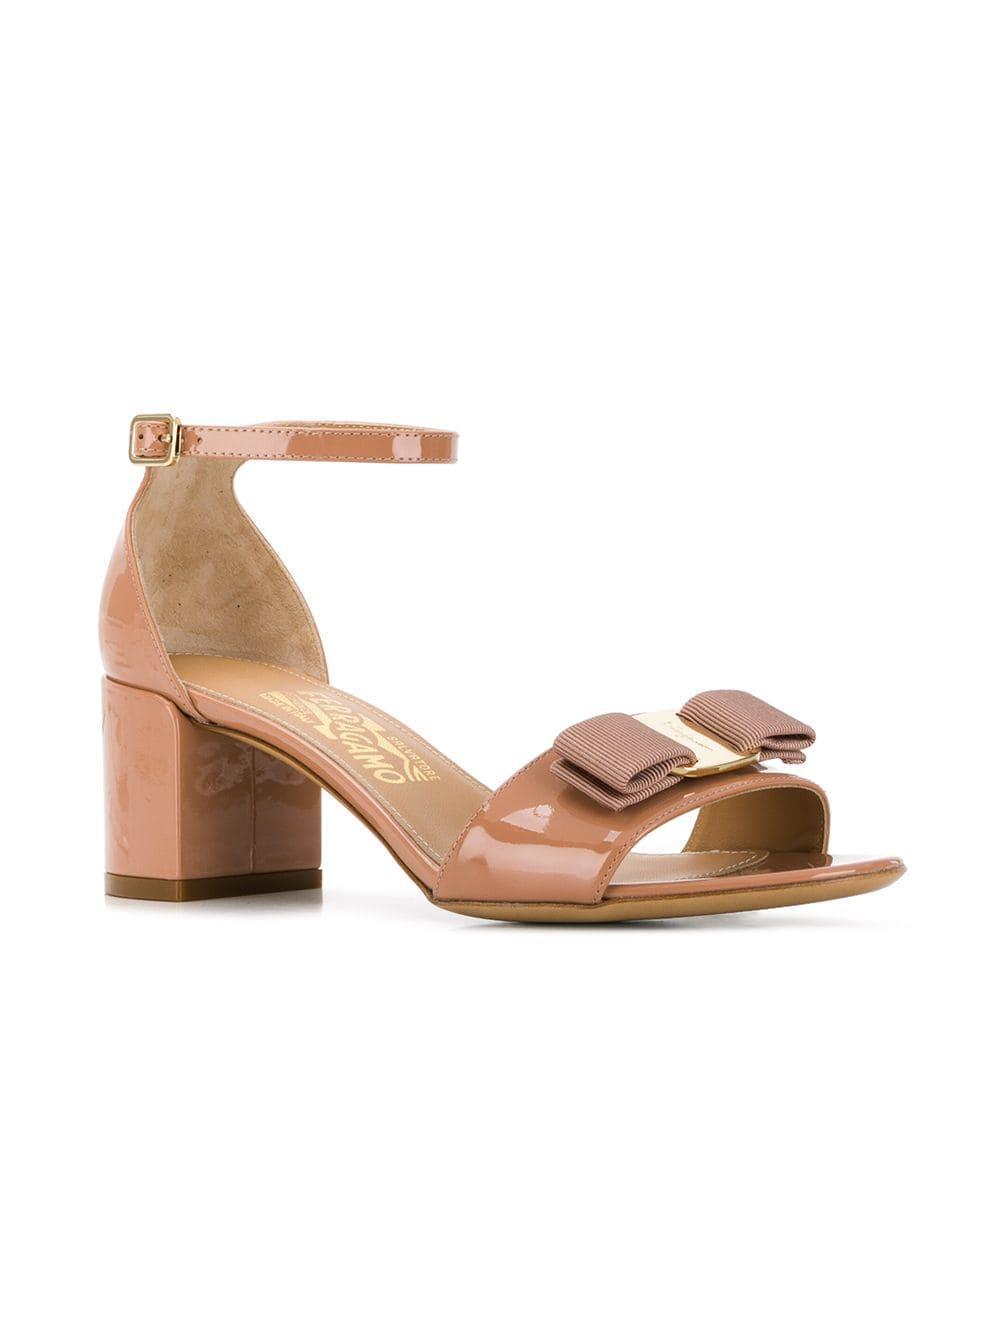 6dd1726fd0e6 Lyst - Ferragamo Vara Bow Ankle Strap Sandals